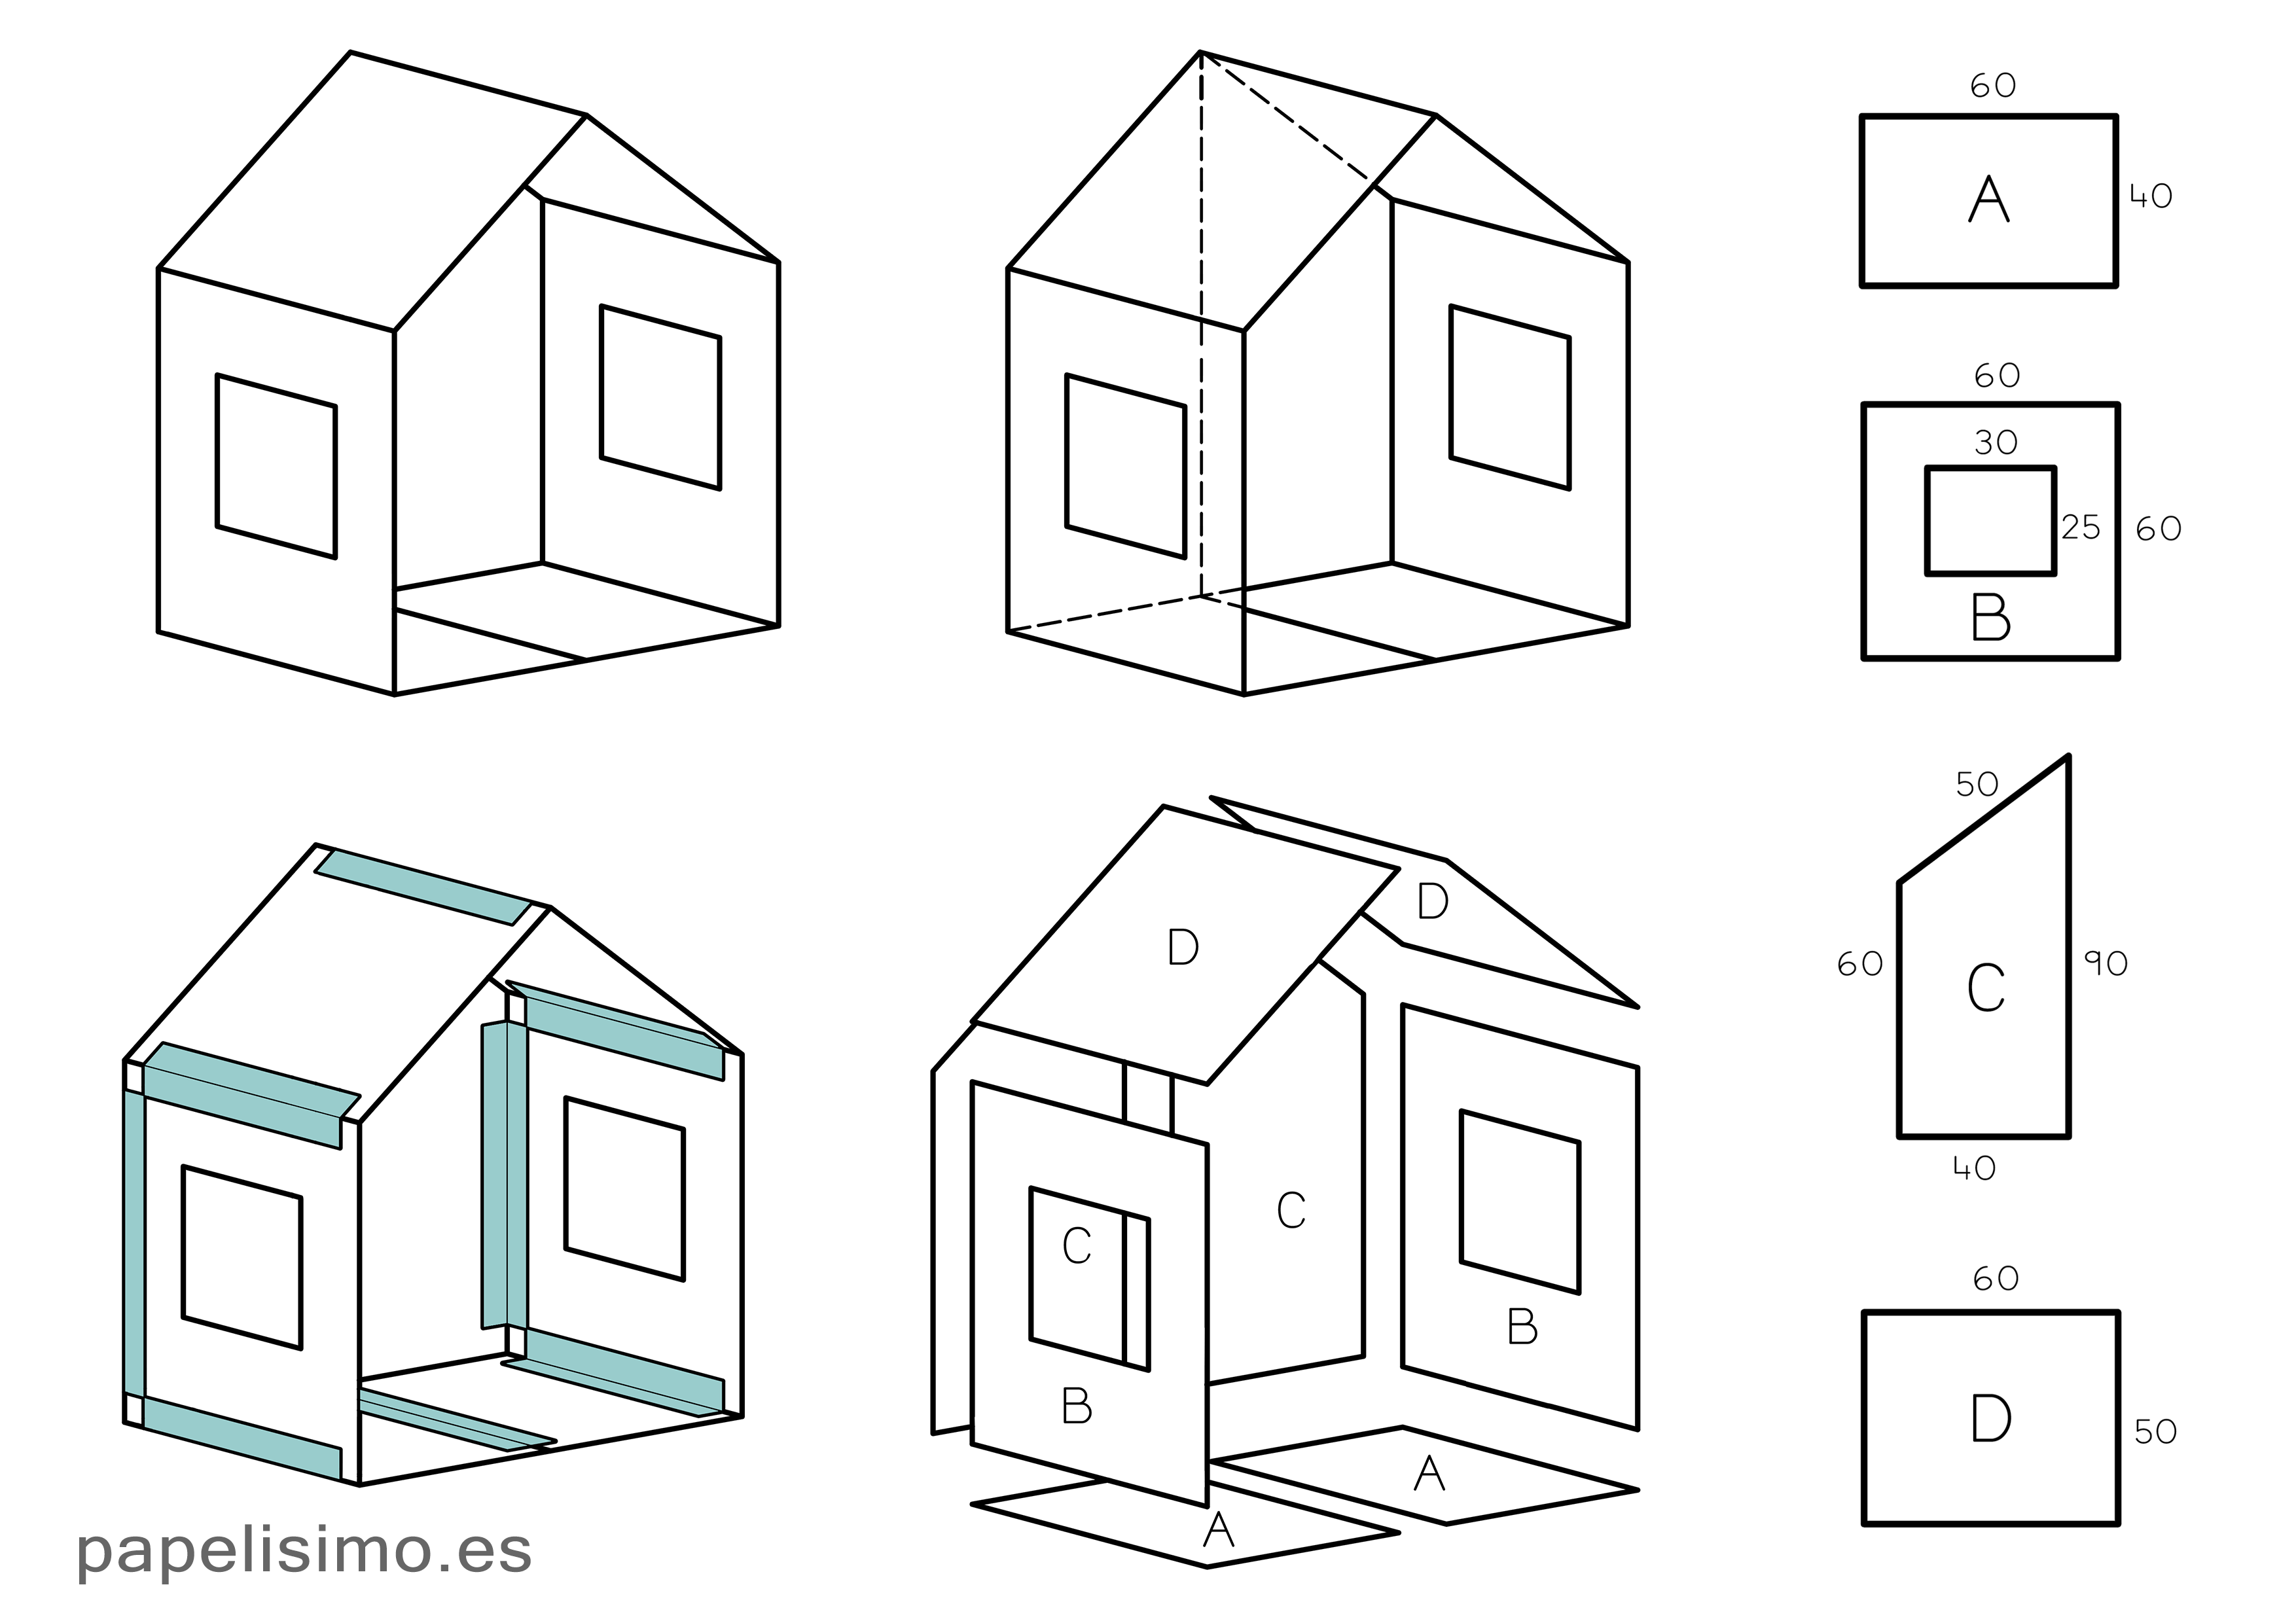 C mo hacer casa de cart n para ni os plegable papelisimo - Como hacer una casa de madera para ninos ...